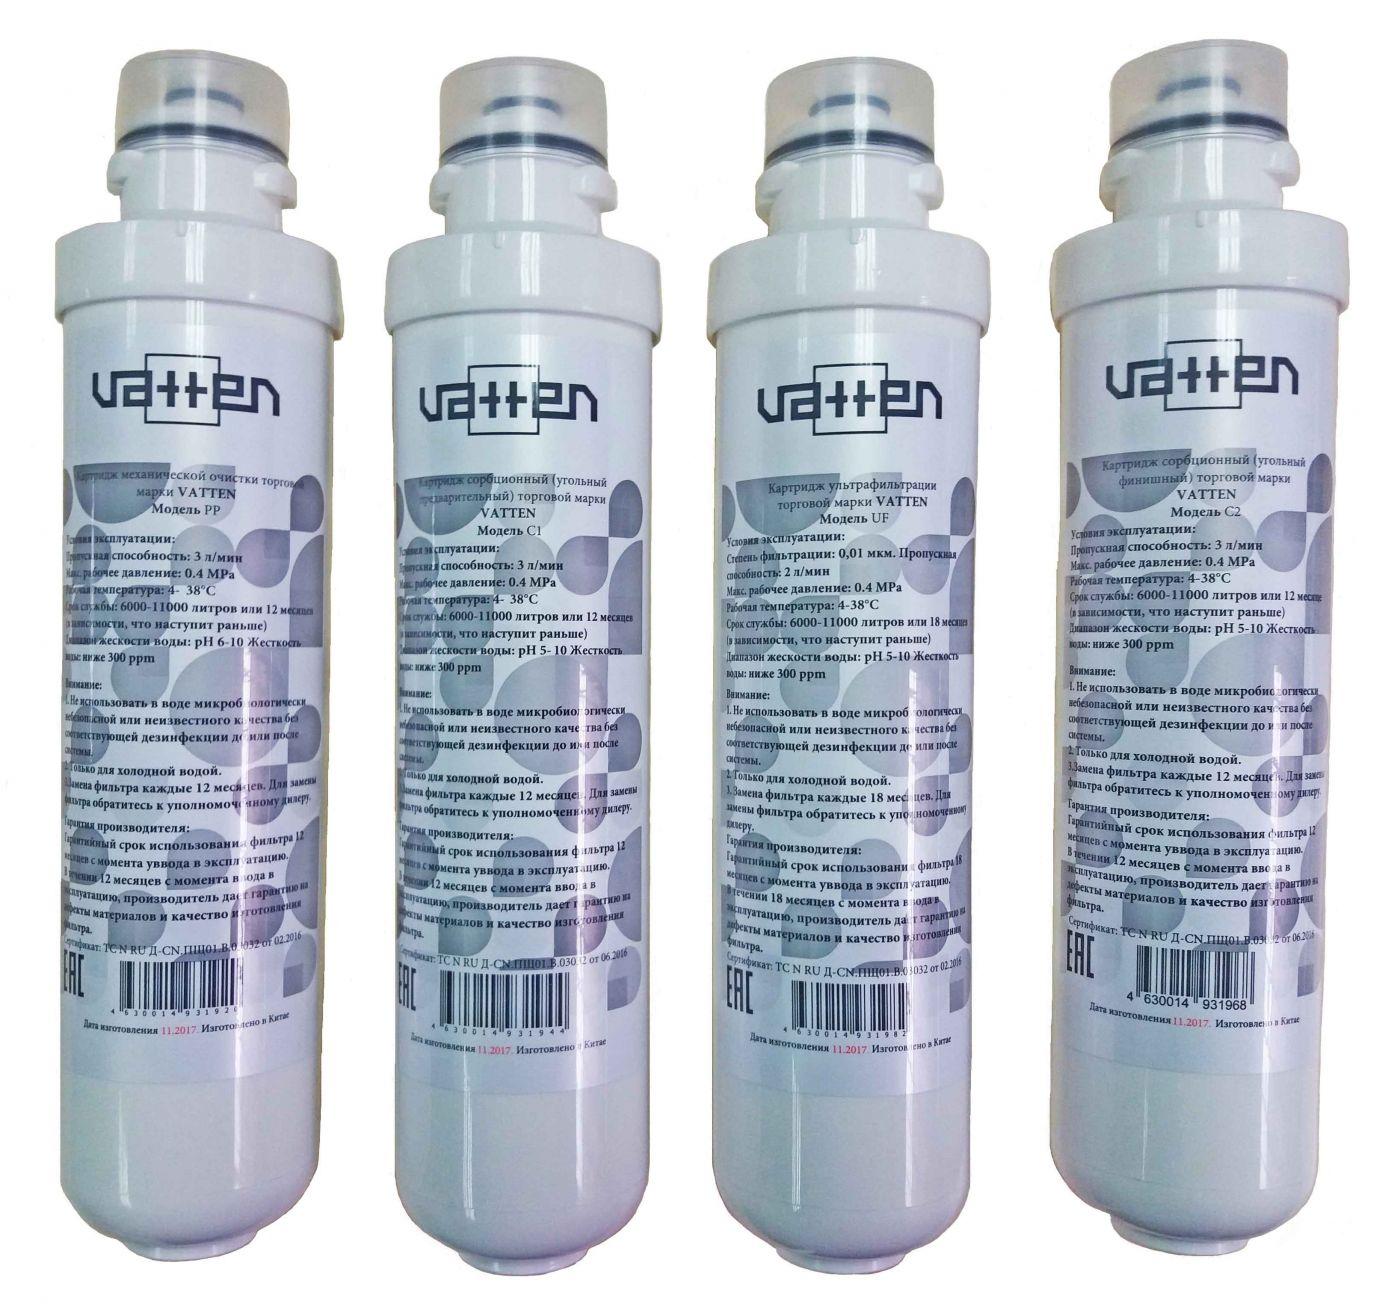 Комлект из 4-х сменных картриджей UF фильтрации VATTEN